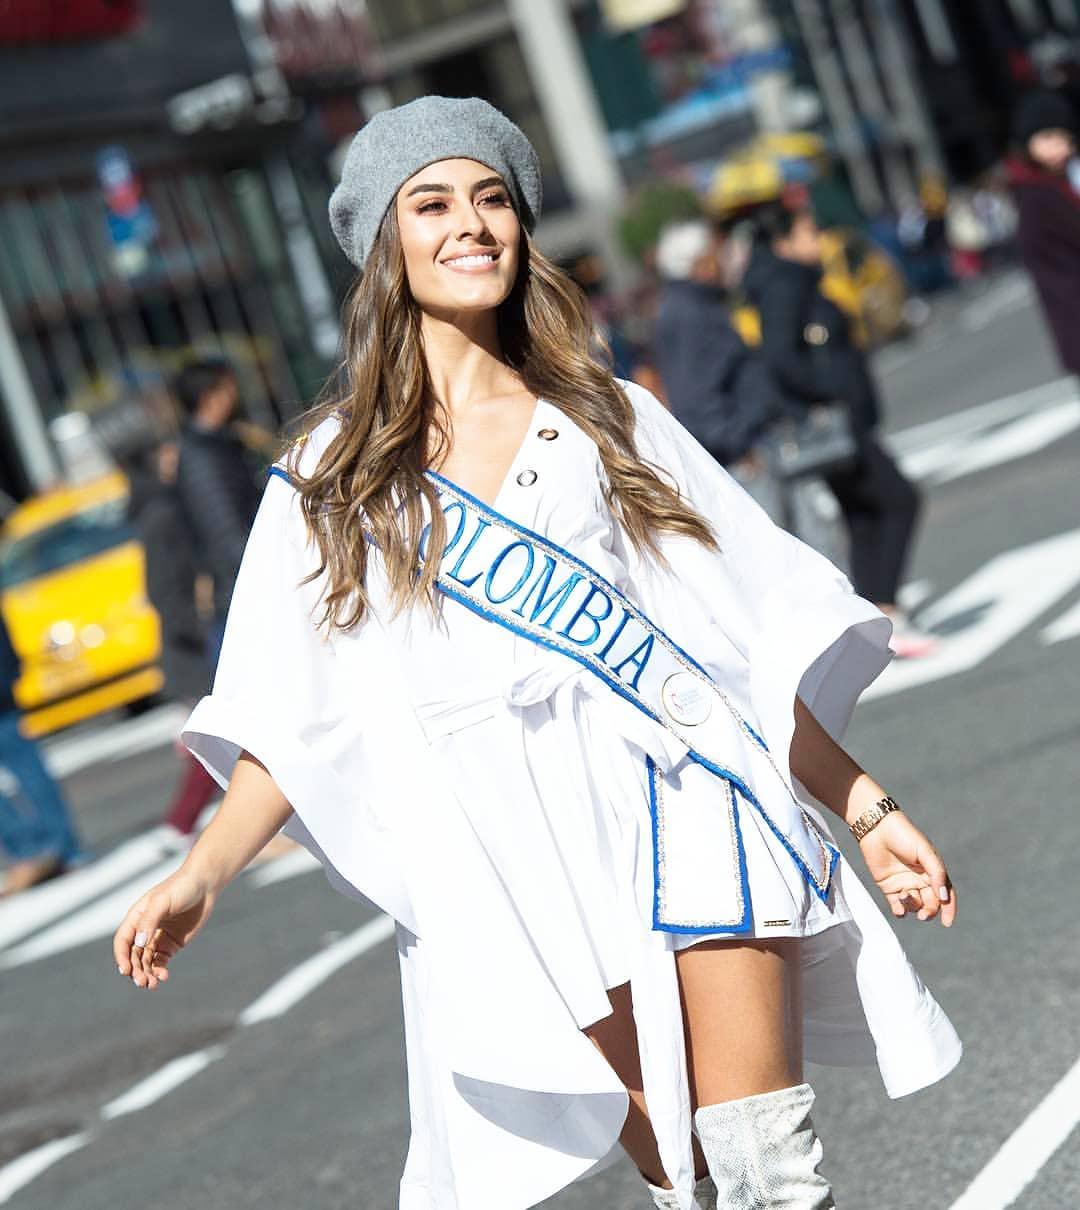 valeria morales, miss colombia universo 2018. - Página 5 43913214